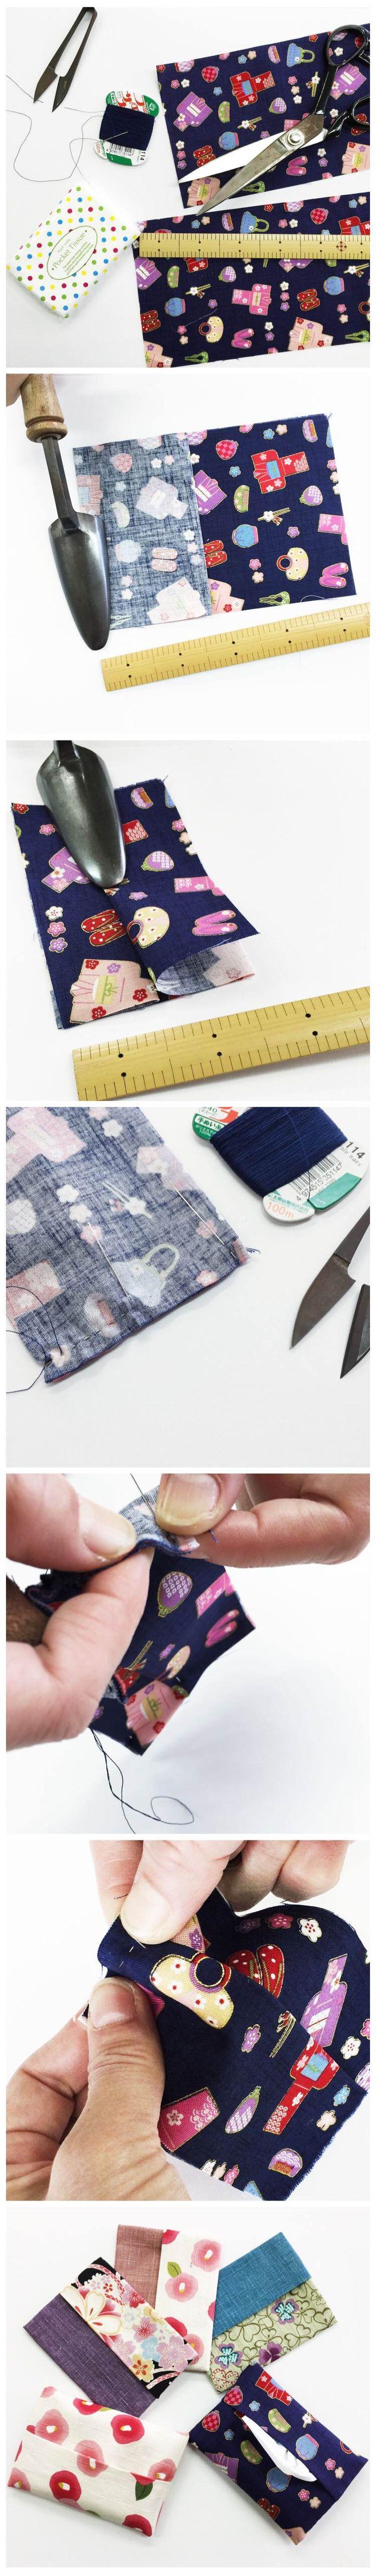 ポケットティッシュカバーの作り方 | 株式会社 東亜